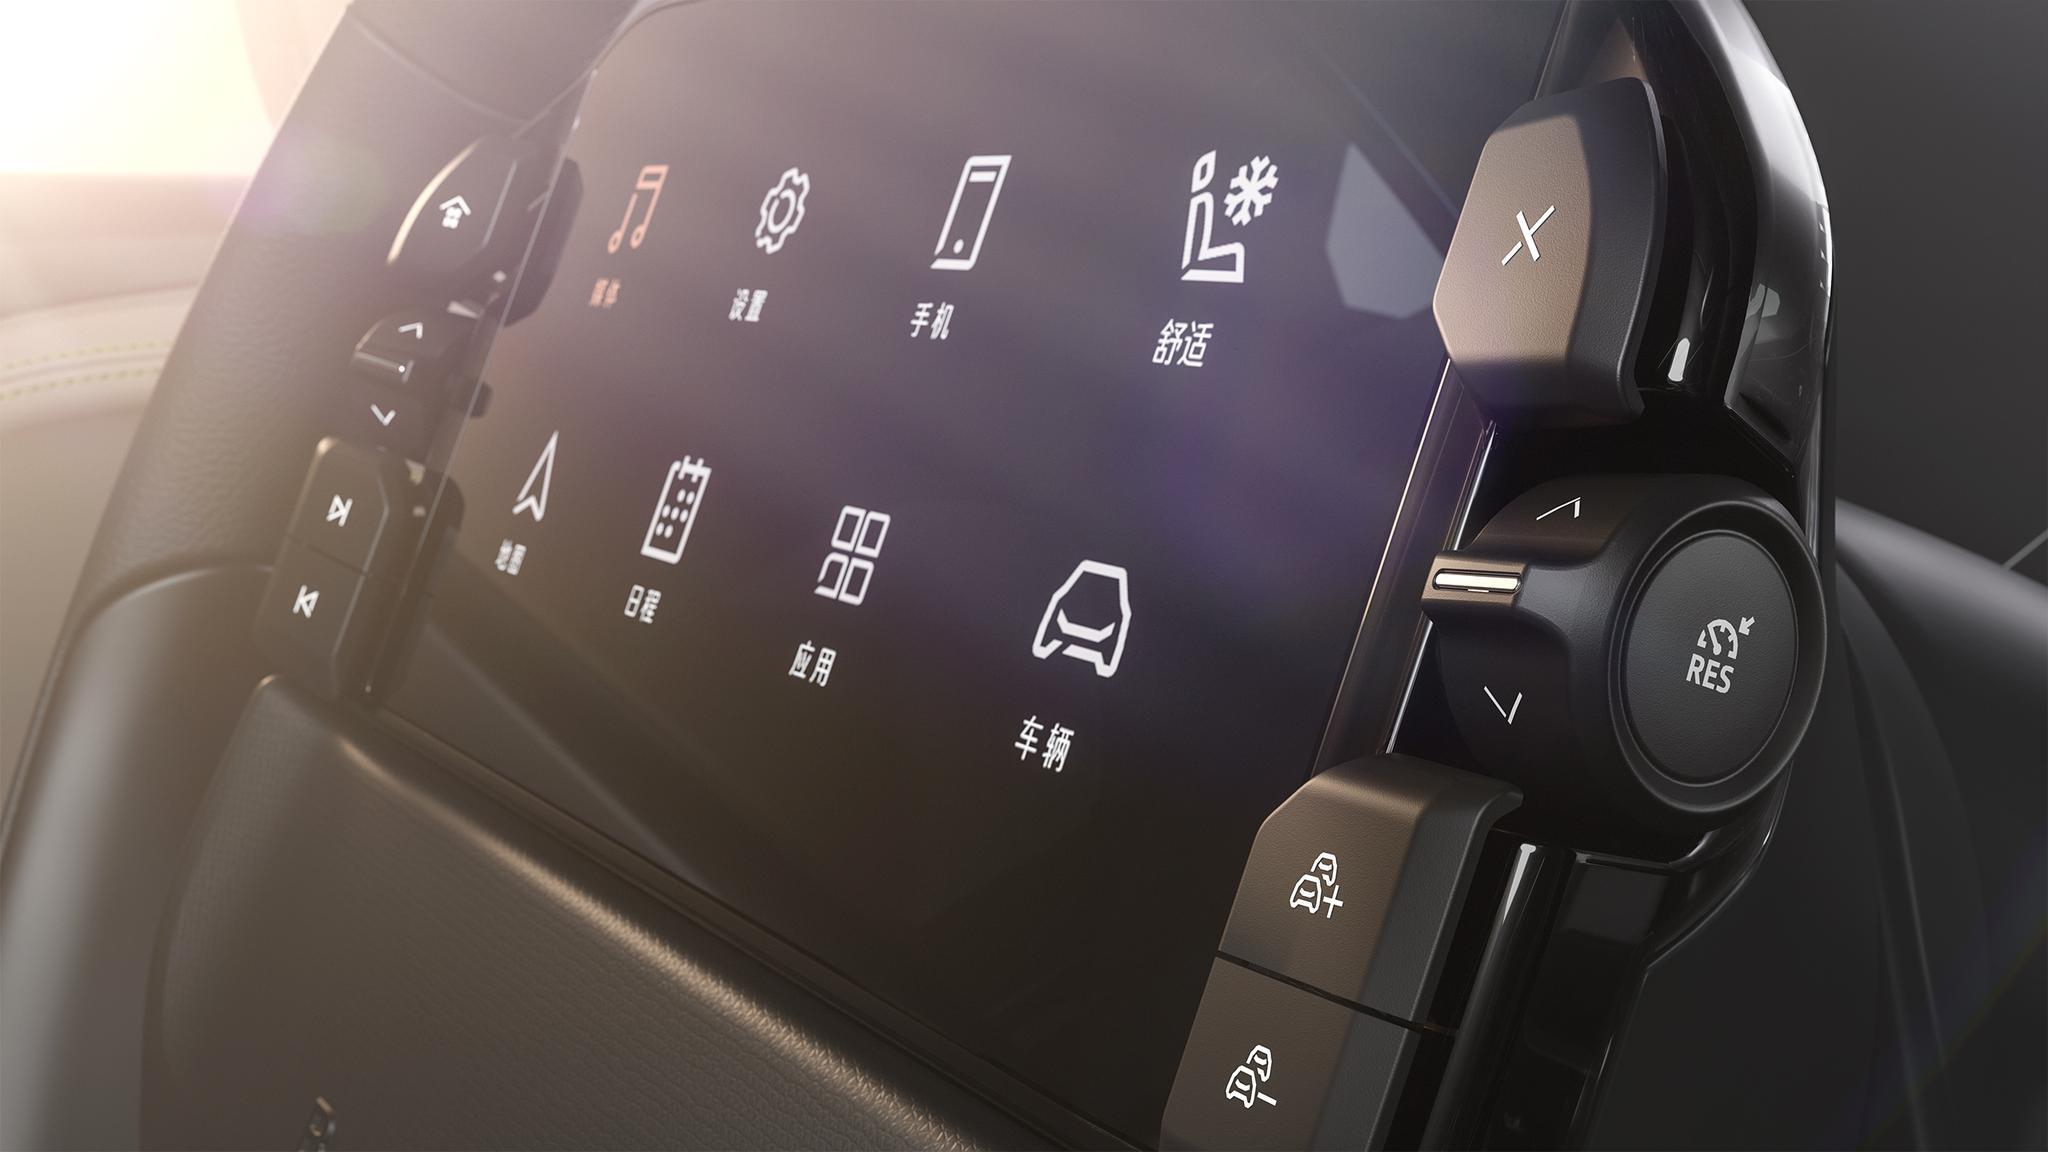 7英寸驾驶员触控屏交互界面和方向盘实体按键设计细节